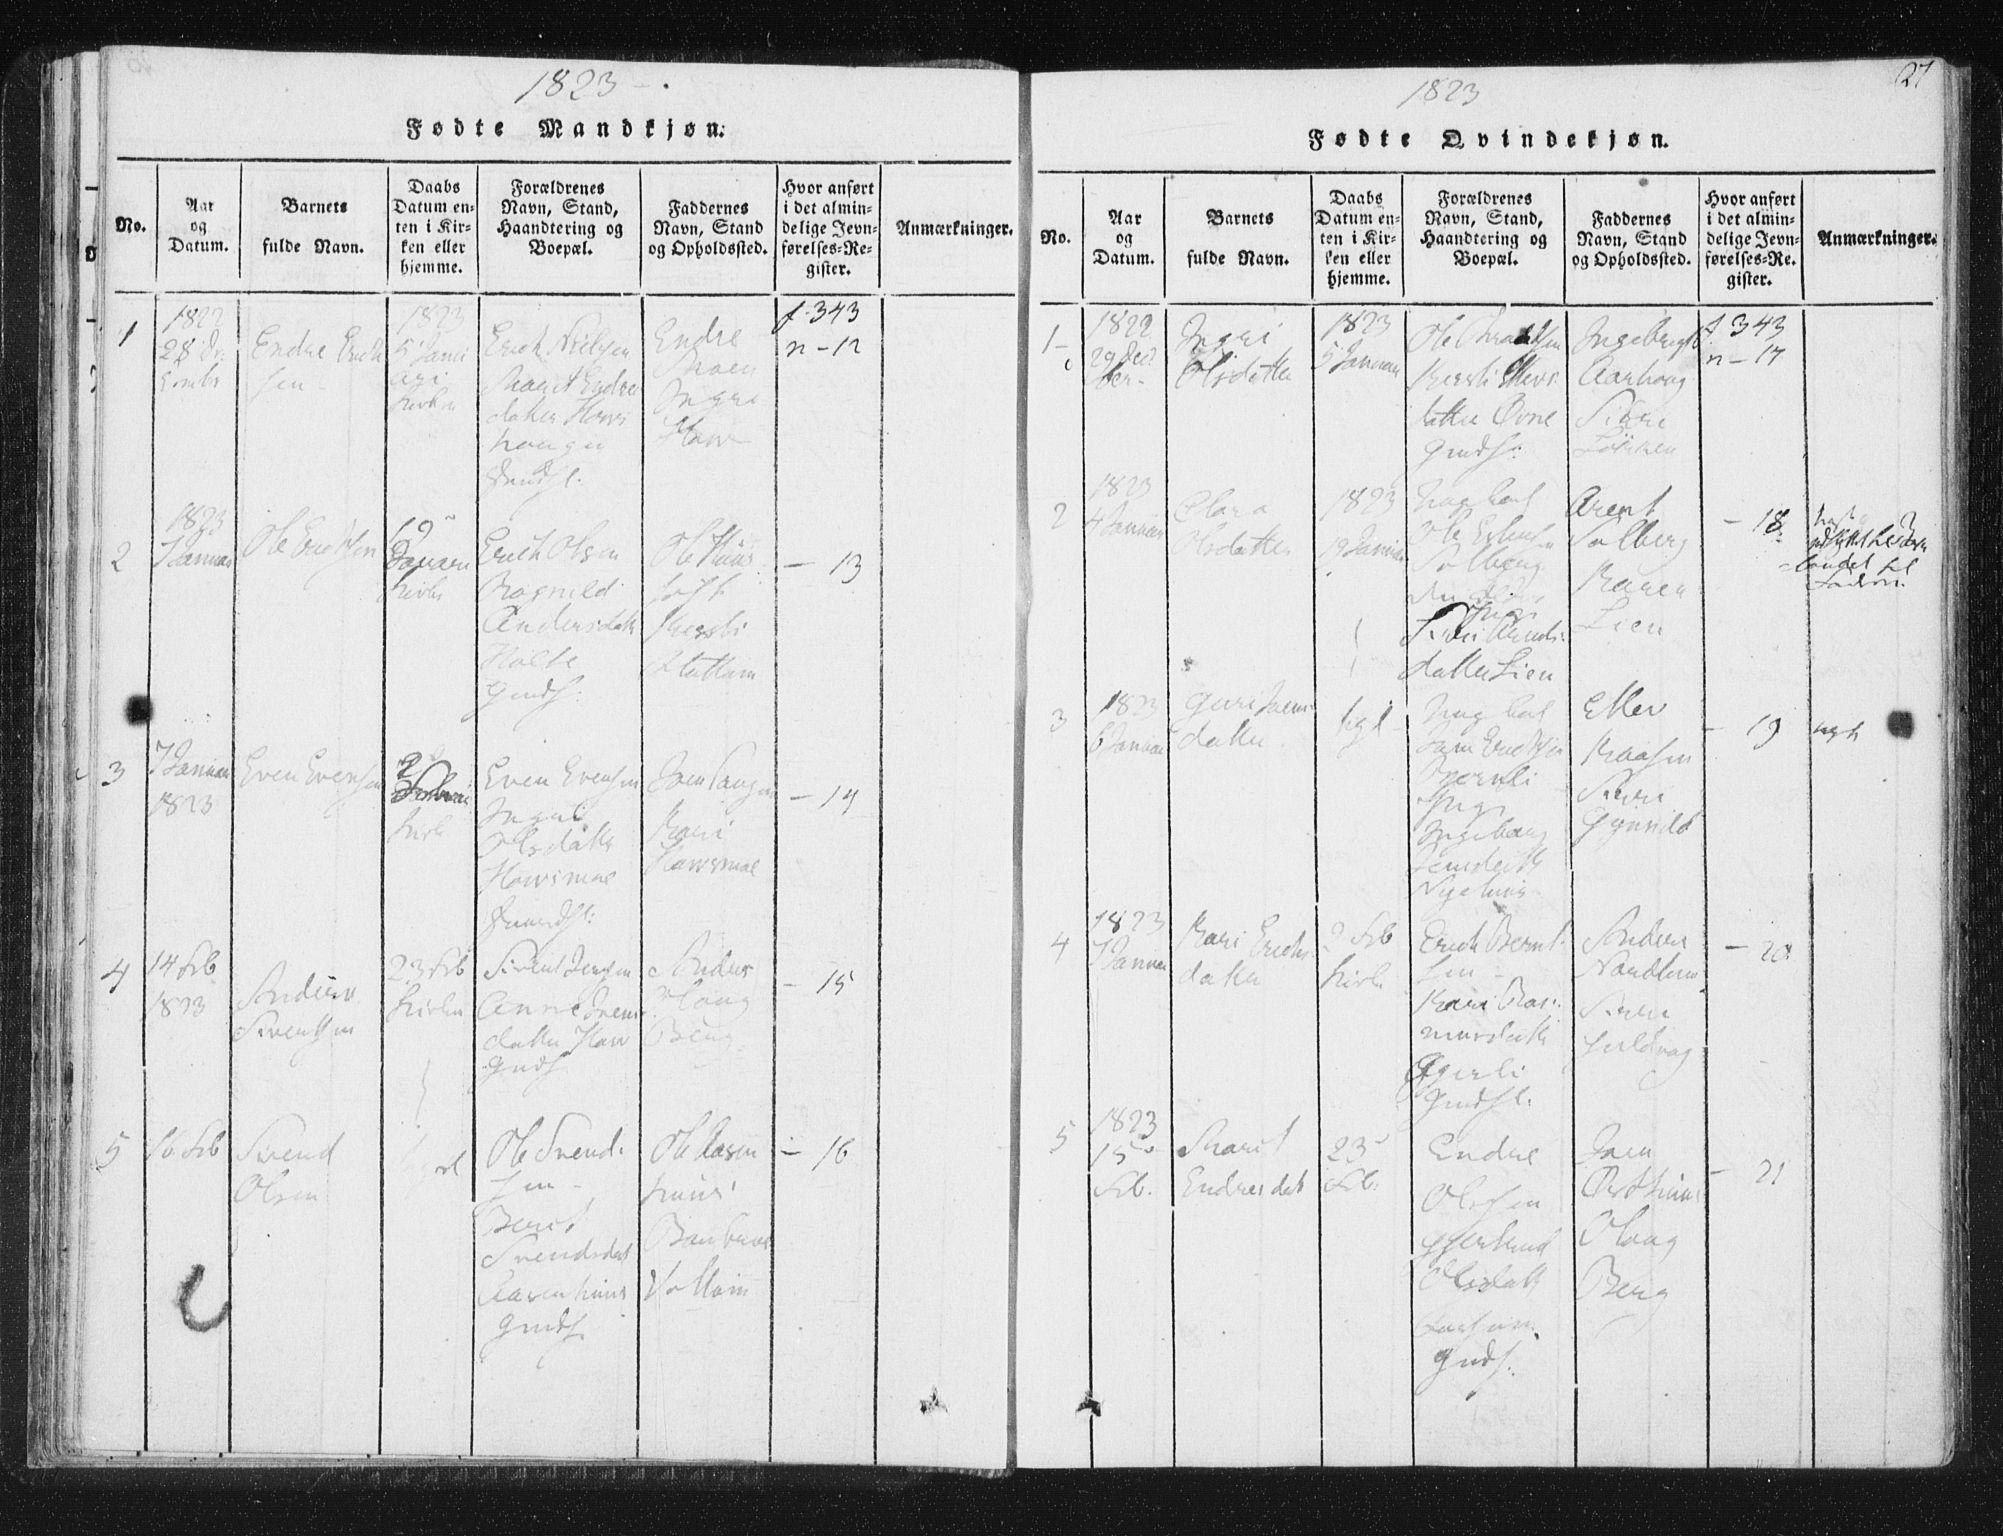 SAT, Ministerialprotokoller, klokkerbøker og fødselsregistre - Sør-Trøndelag, 689/L1037: Ministerialbok nr. 689A02, 1816-1842, s. 27